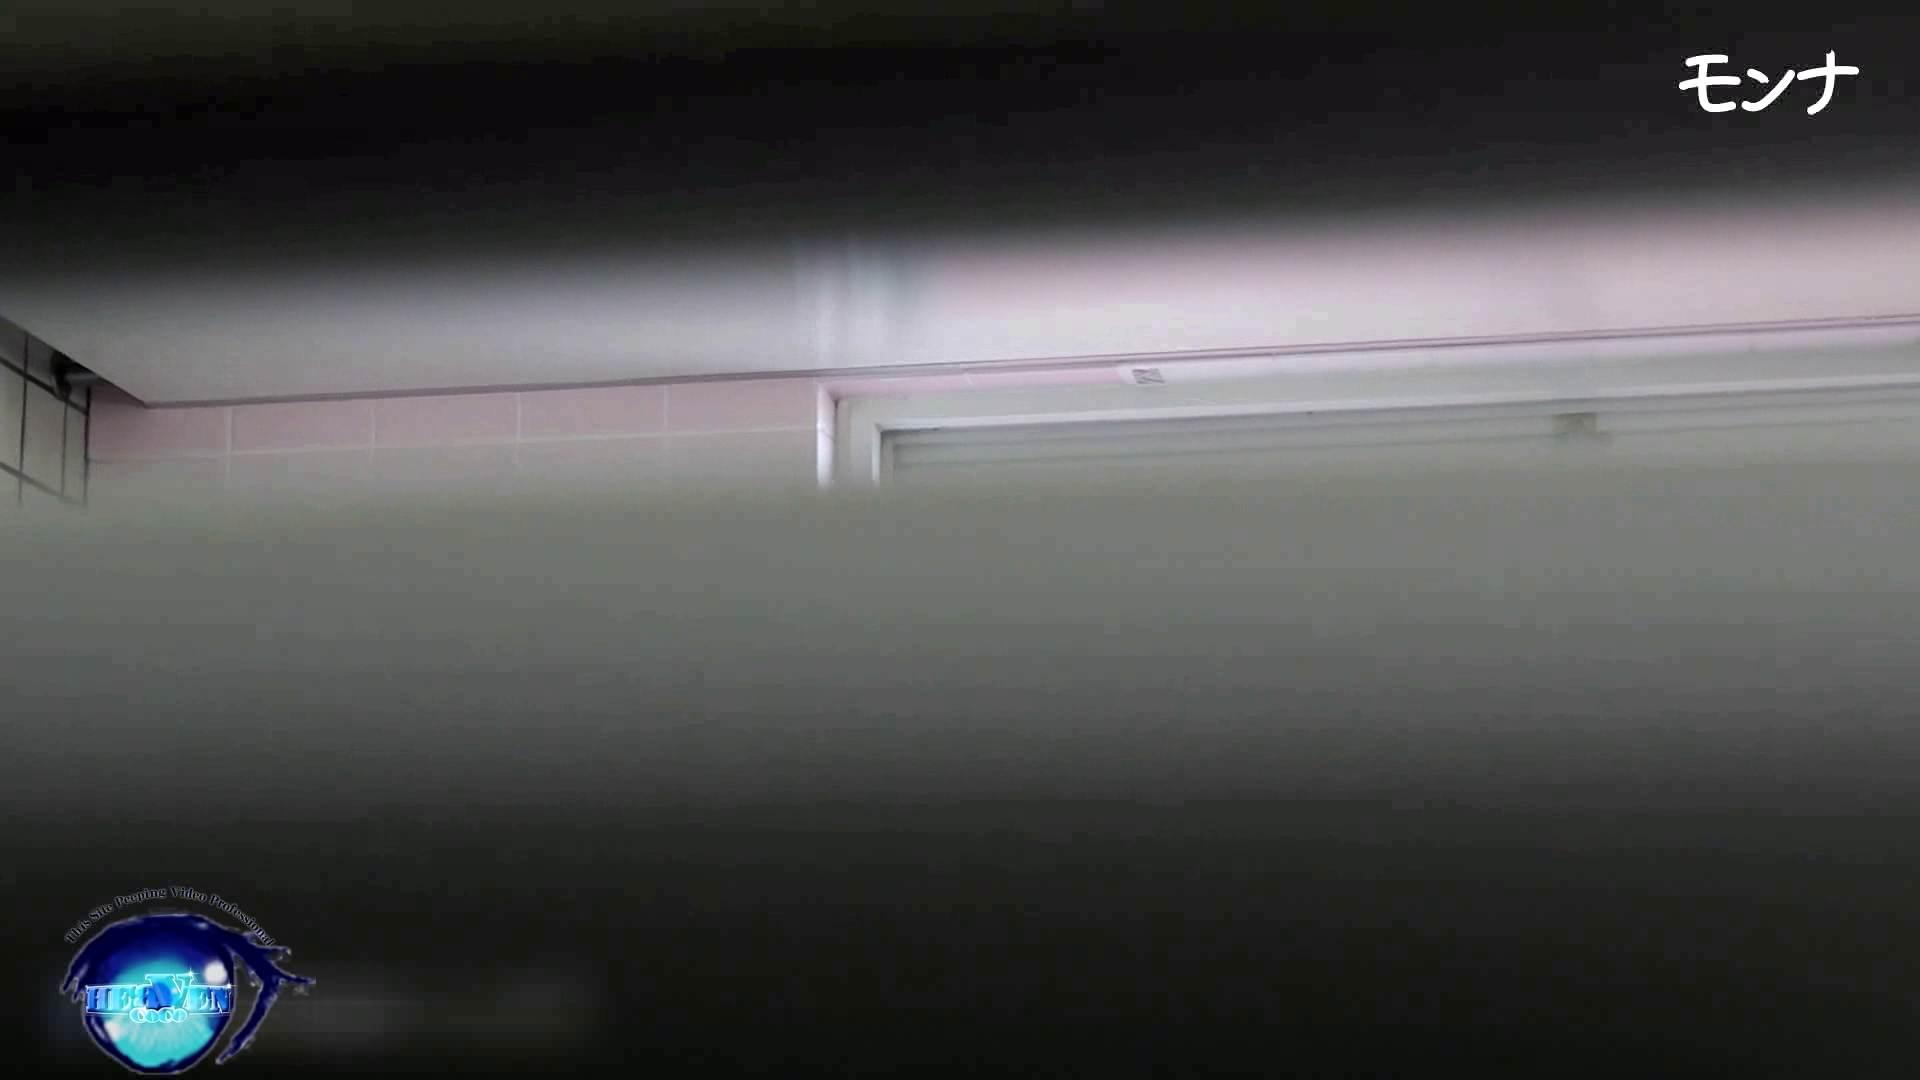 【美しい日本の未来】美しい日本の未来 No.82たまらない丸み、今度またハプニング起きる 肛門特集 ヌード画像 98pic 65